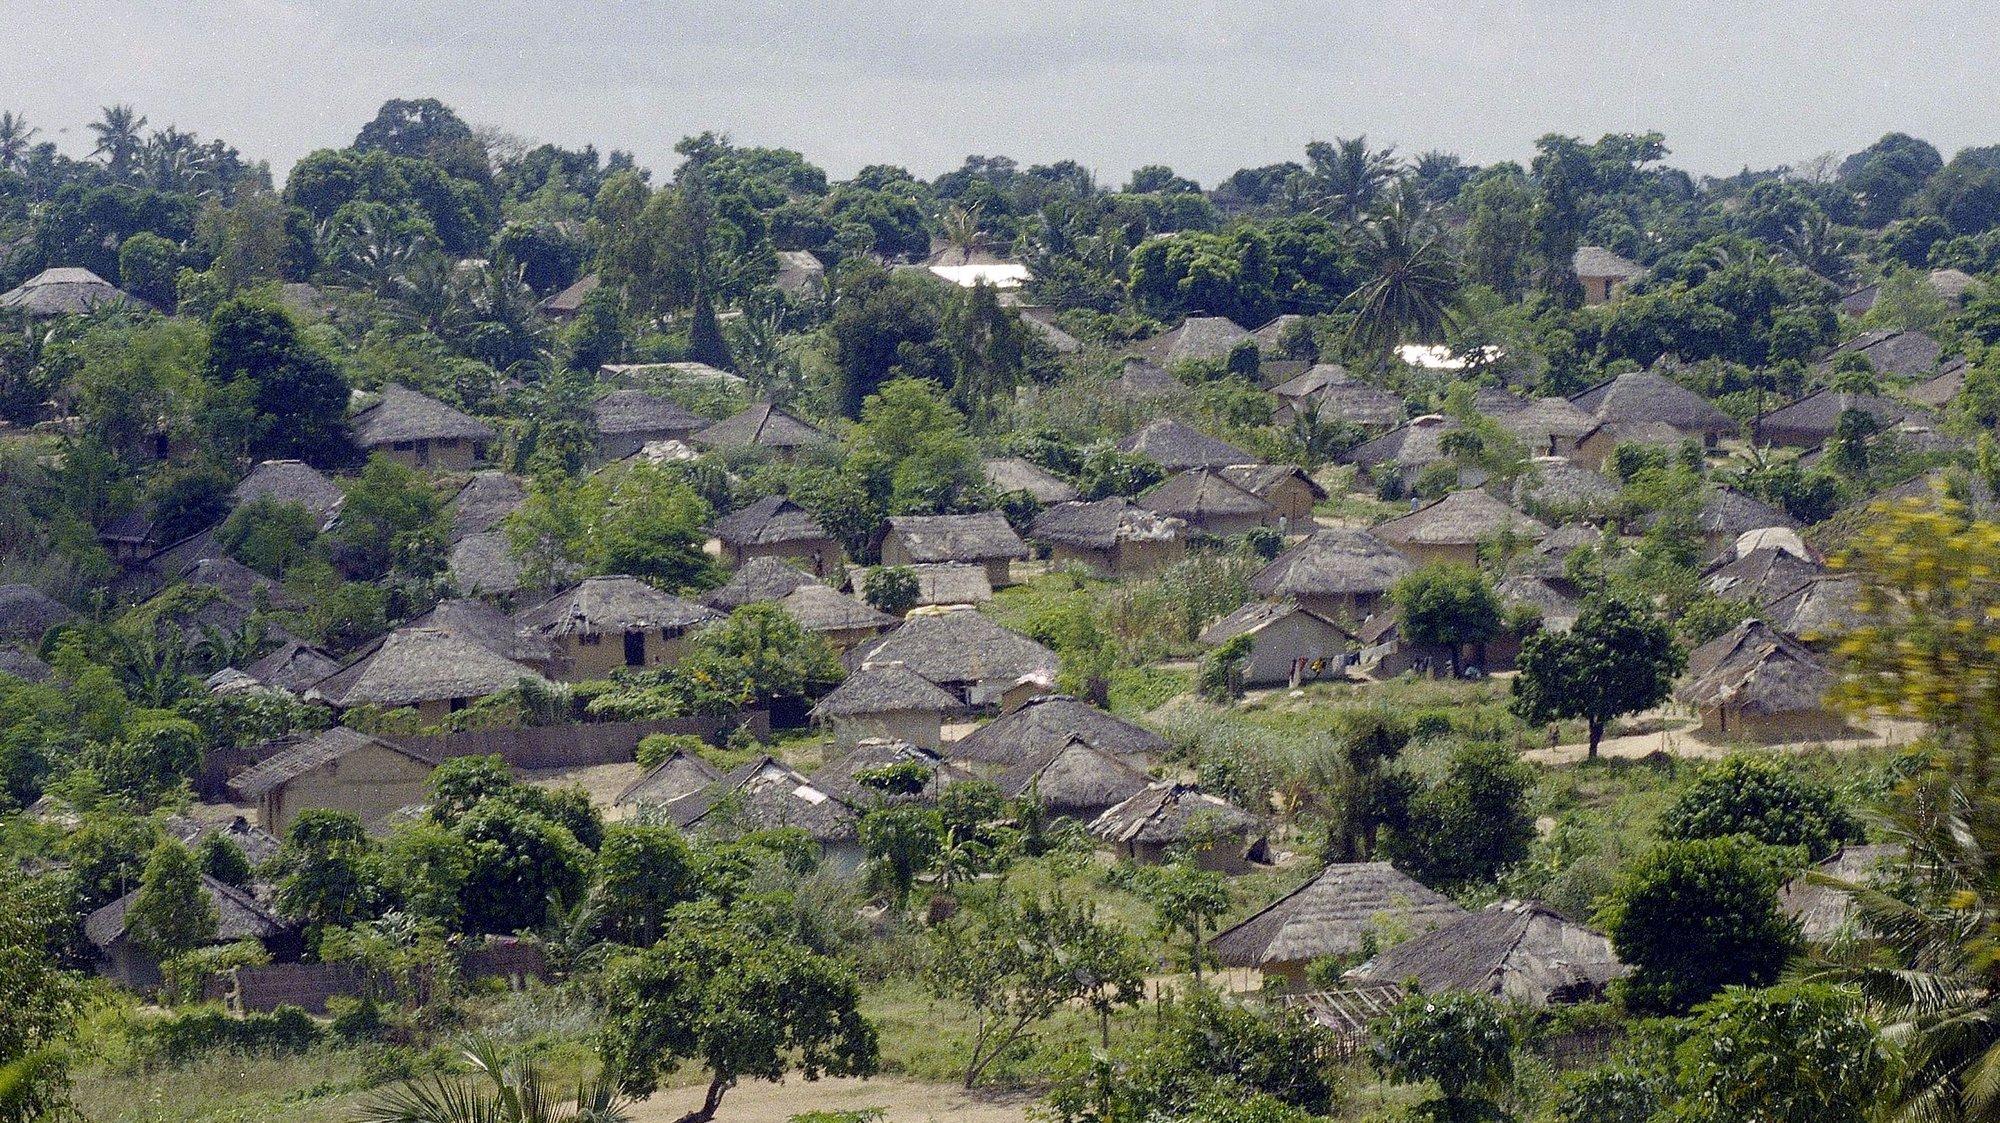 Aldeia moçambicana na Provincia de Nampula, Moçambique a 1 de maio de 1997.  António Cotrim / Lusa